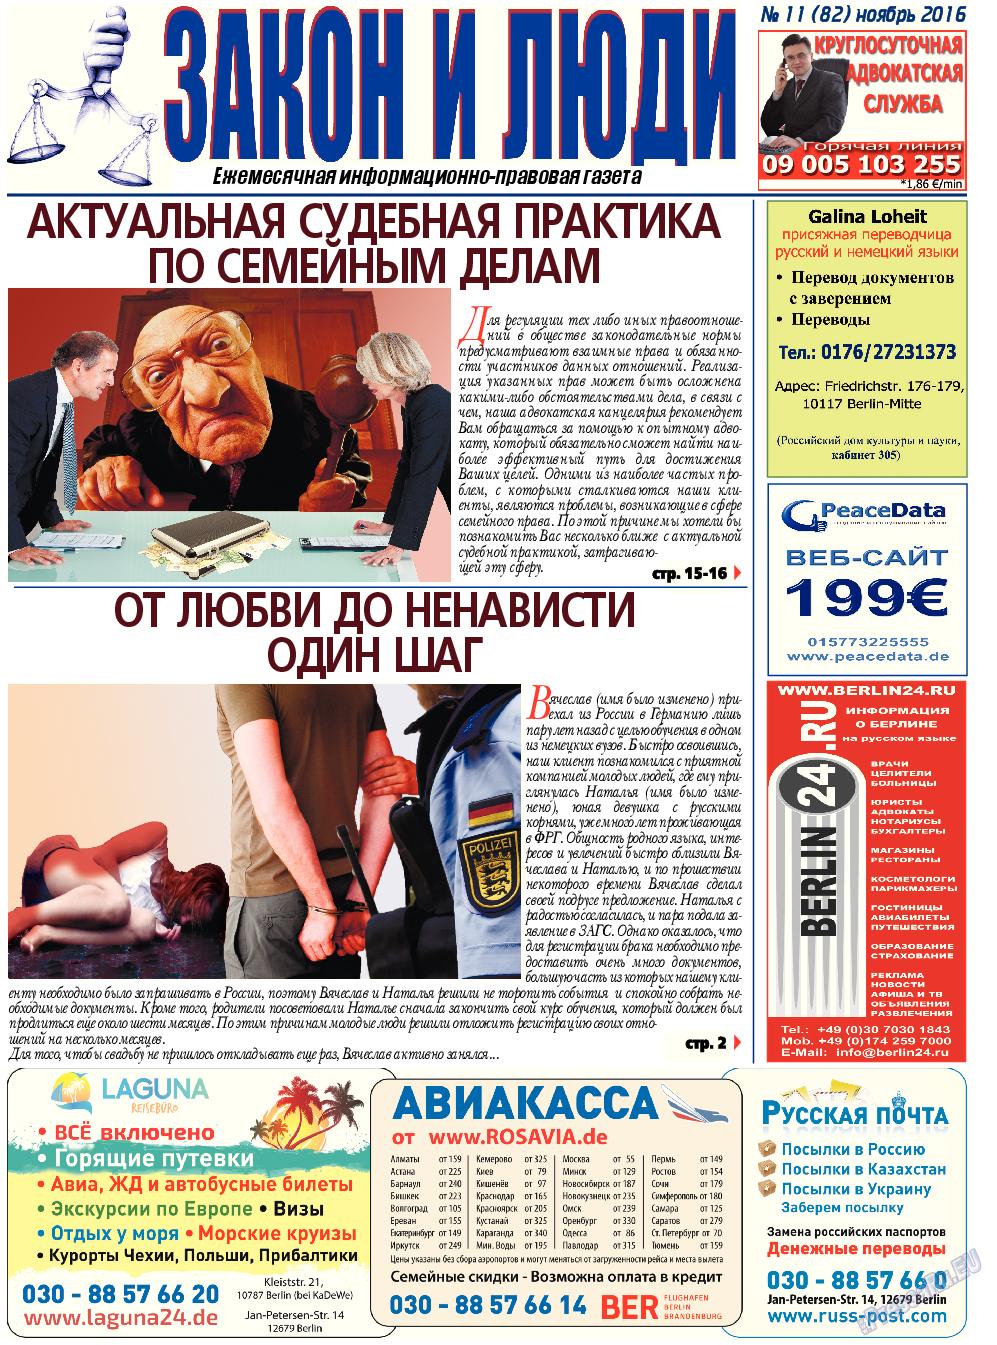 Закон и люди (газета). 2016 год, номер 11, стр. 1